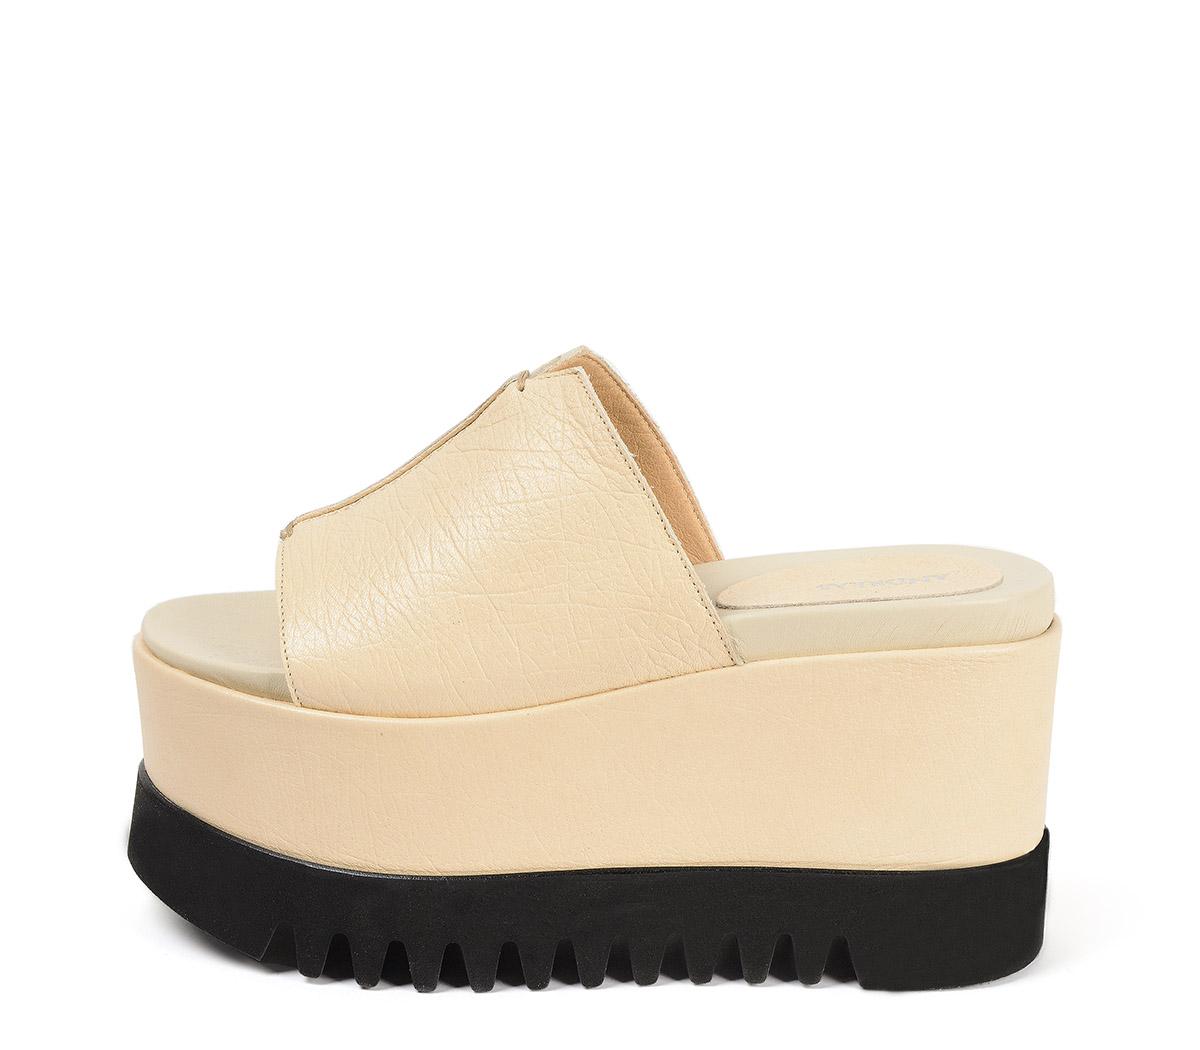 Ref. 3845 Sandalia piel beige con pala. Plataforma combinada en piel beige y goma negra. Suela dentada. Altura tacón 7 cm y plataforma delantera de 7 cm.